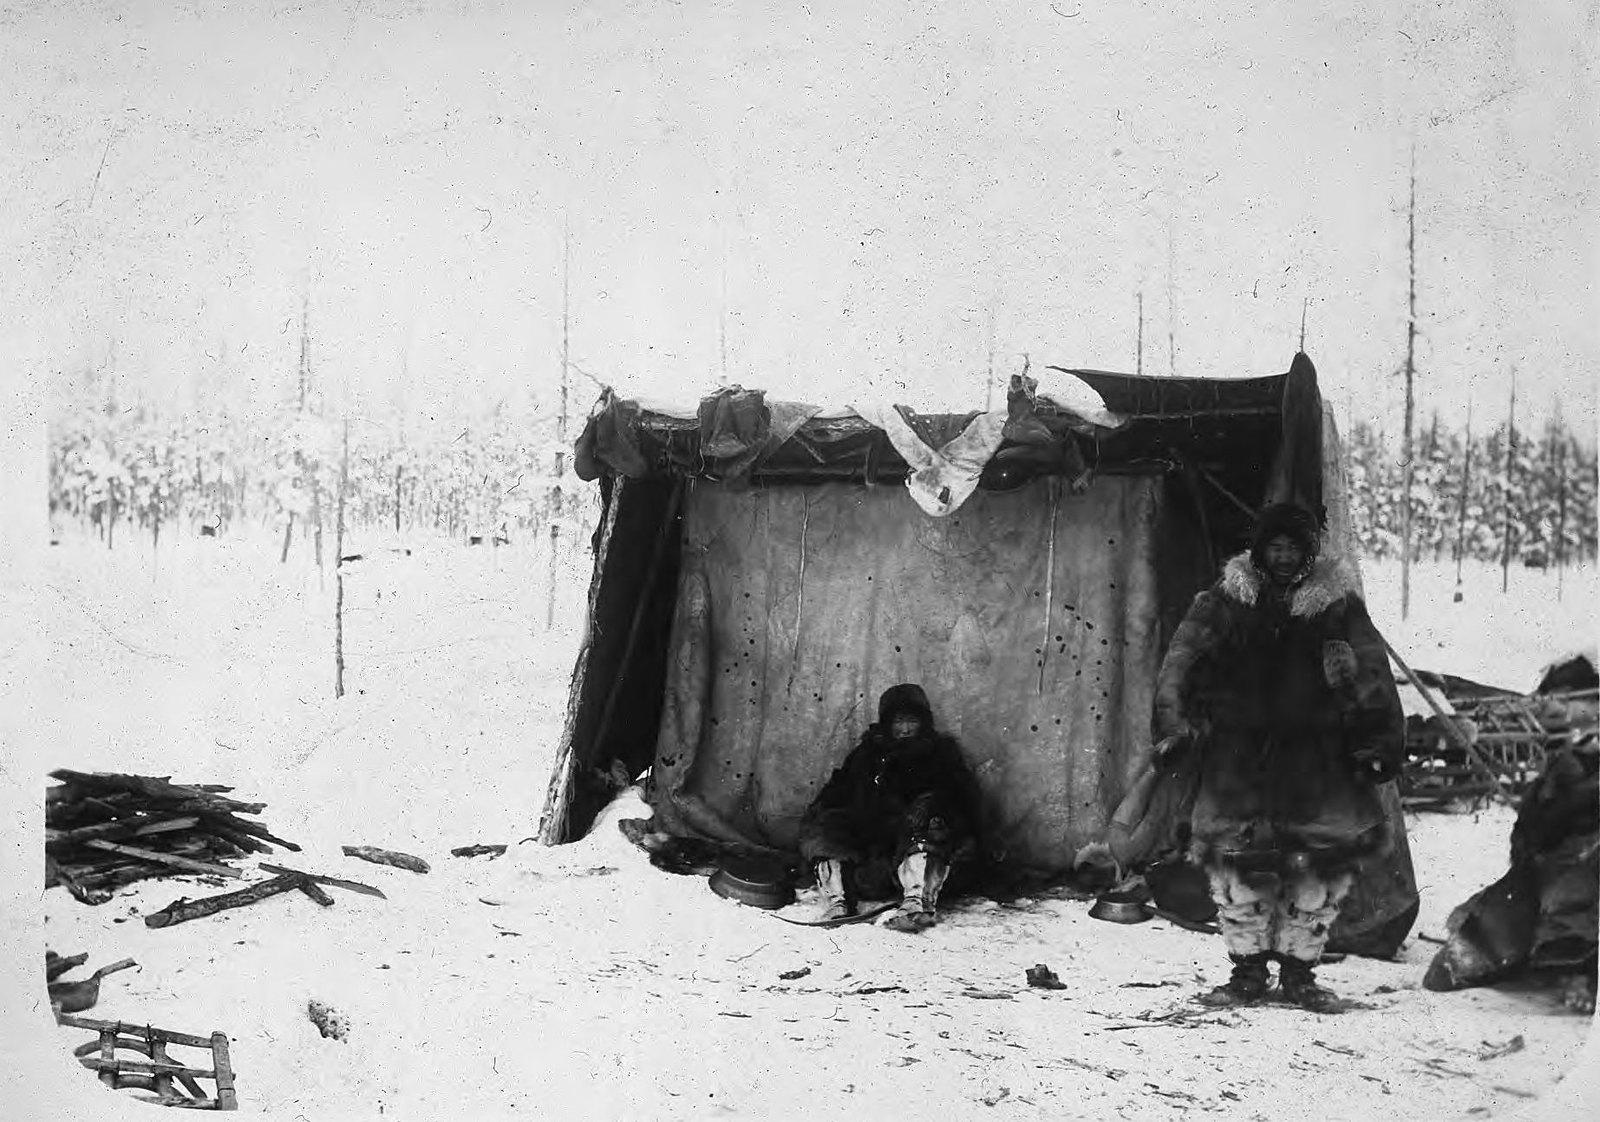 Вилюйско-Олёкминский путь. Зимний бивак